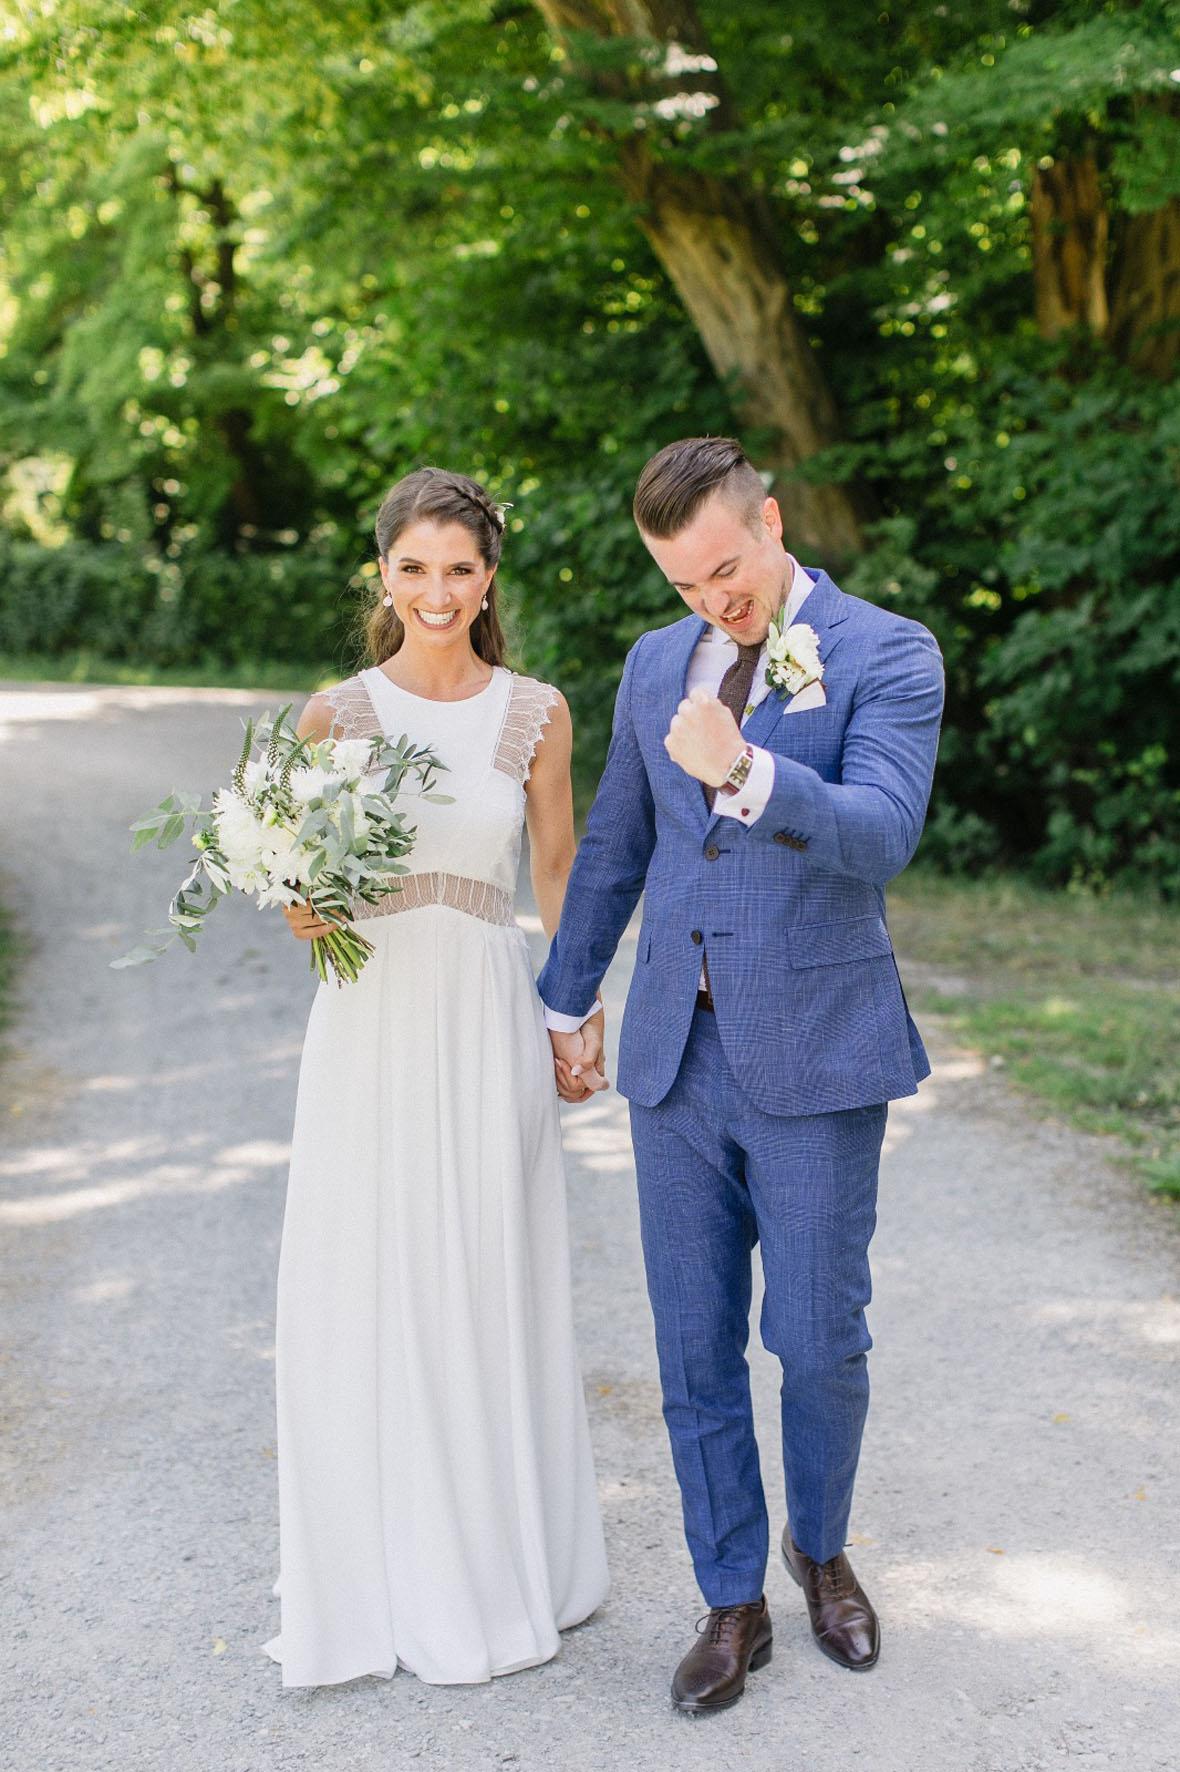 Hochzeitsrednerin Doreen Werding - Alle Bilder von Vanessa Esau